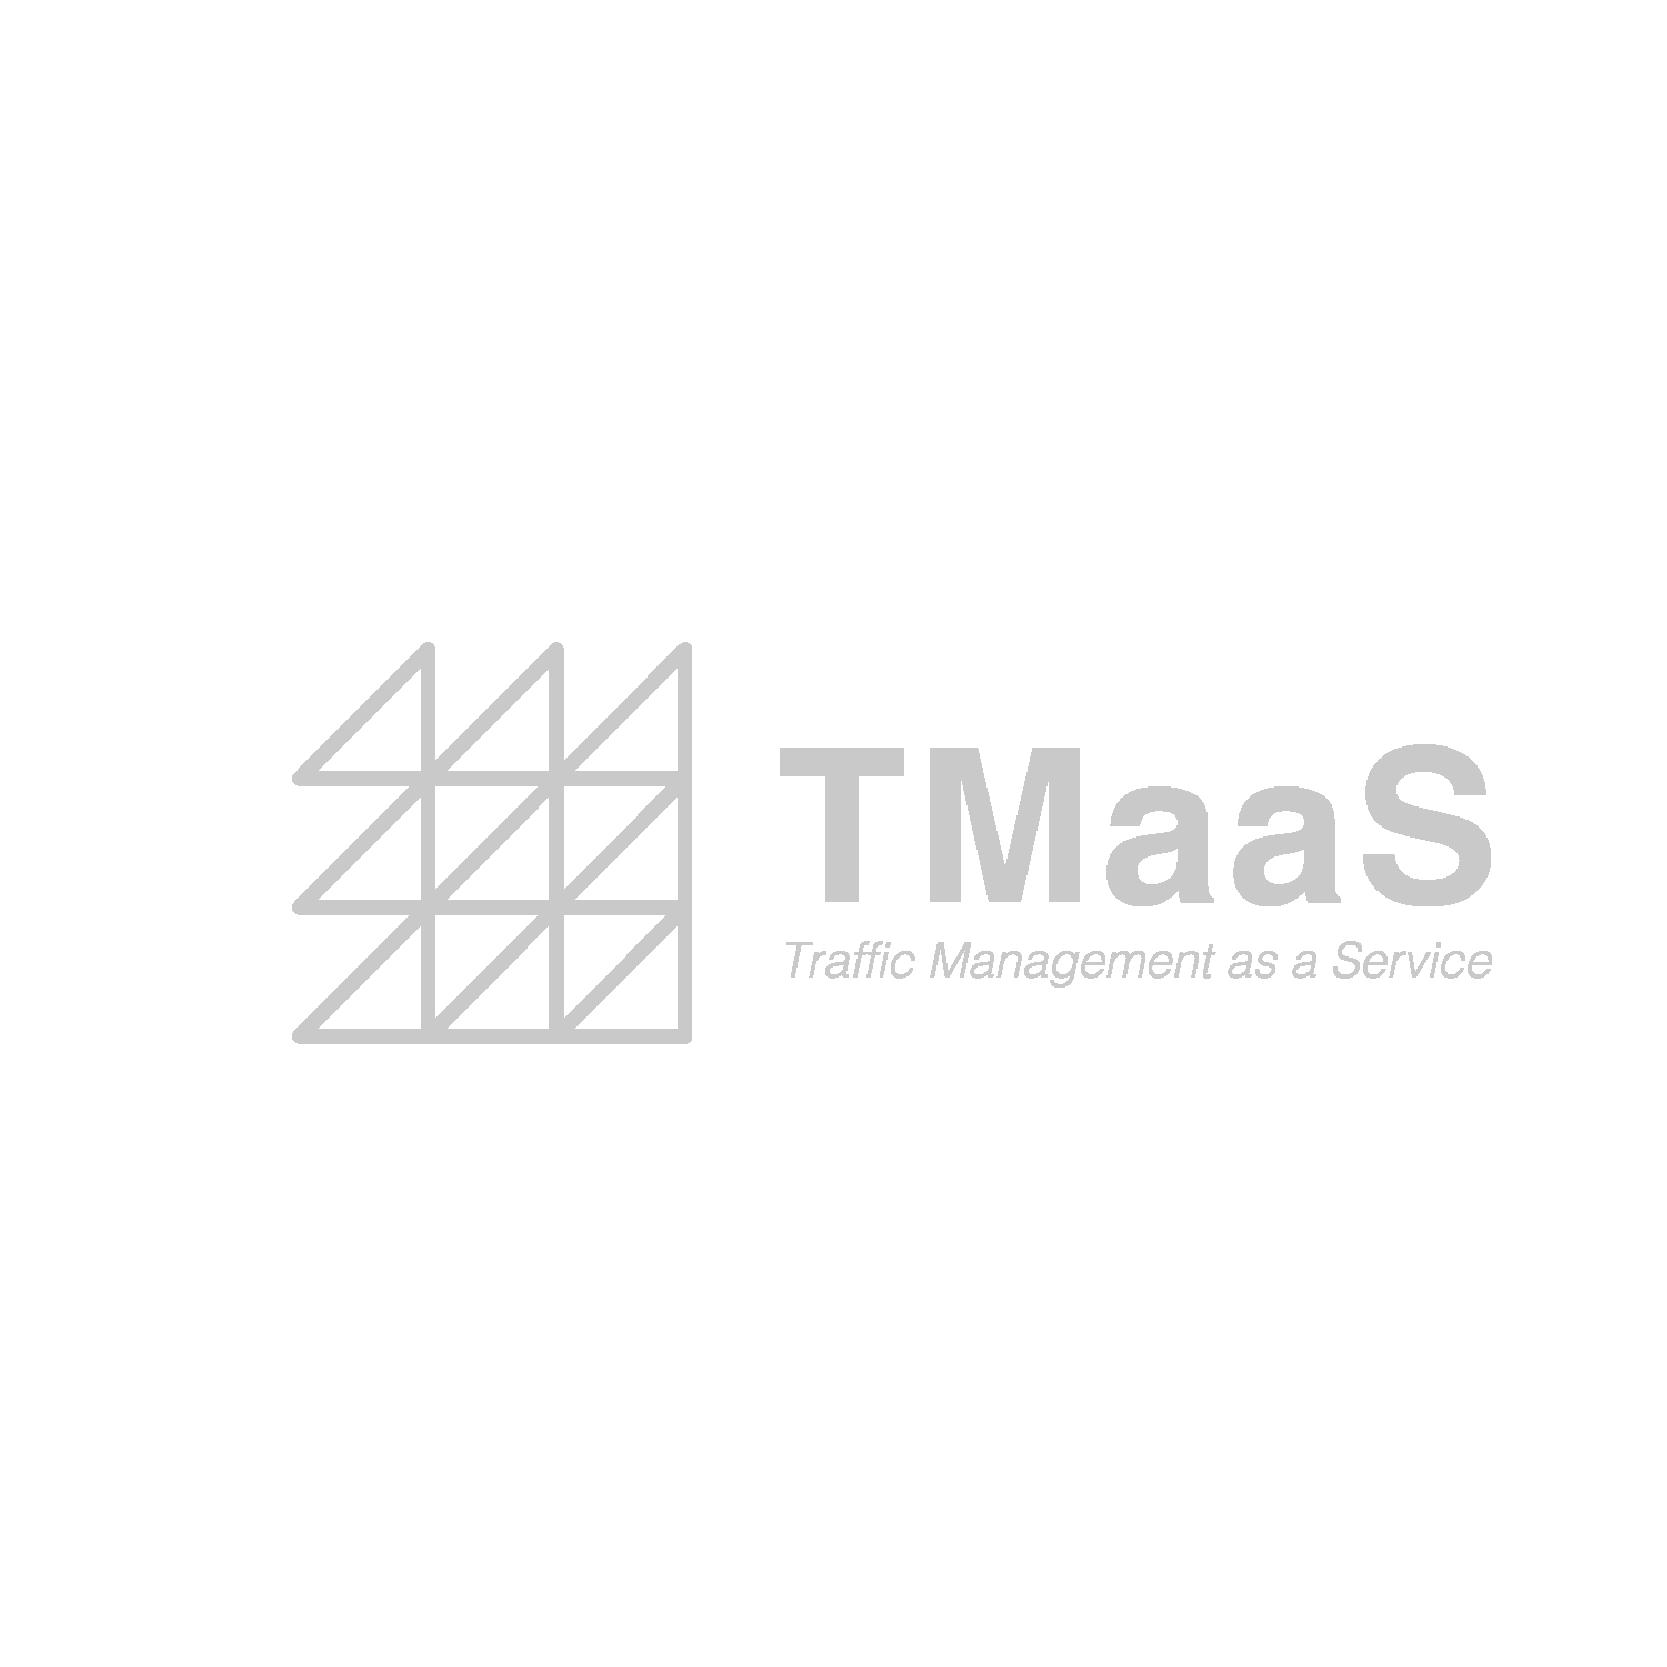 Logo van TMaaS